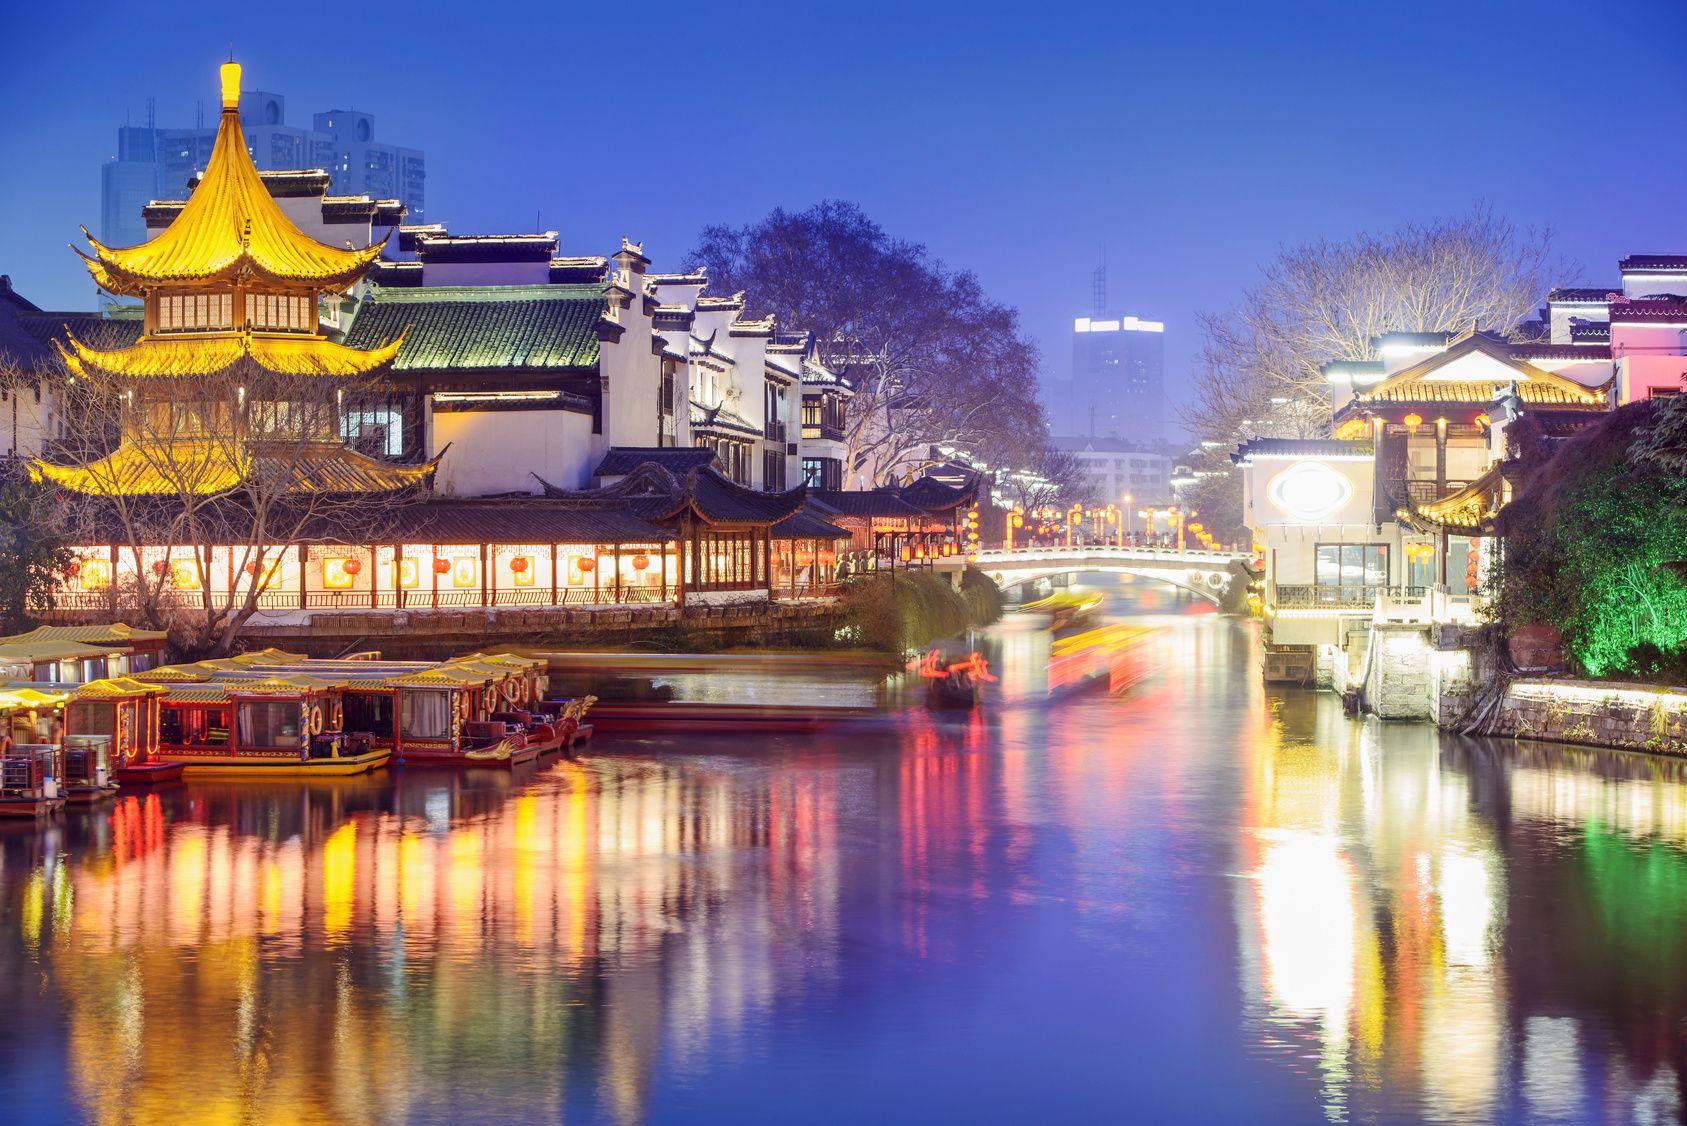 香港市場は戻りを試す展開に、旧正月明け20 日に取引再開